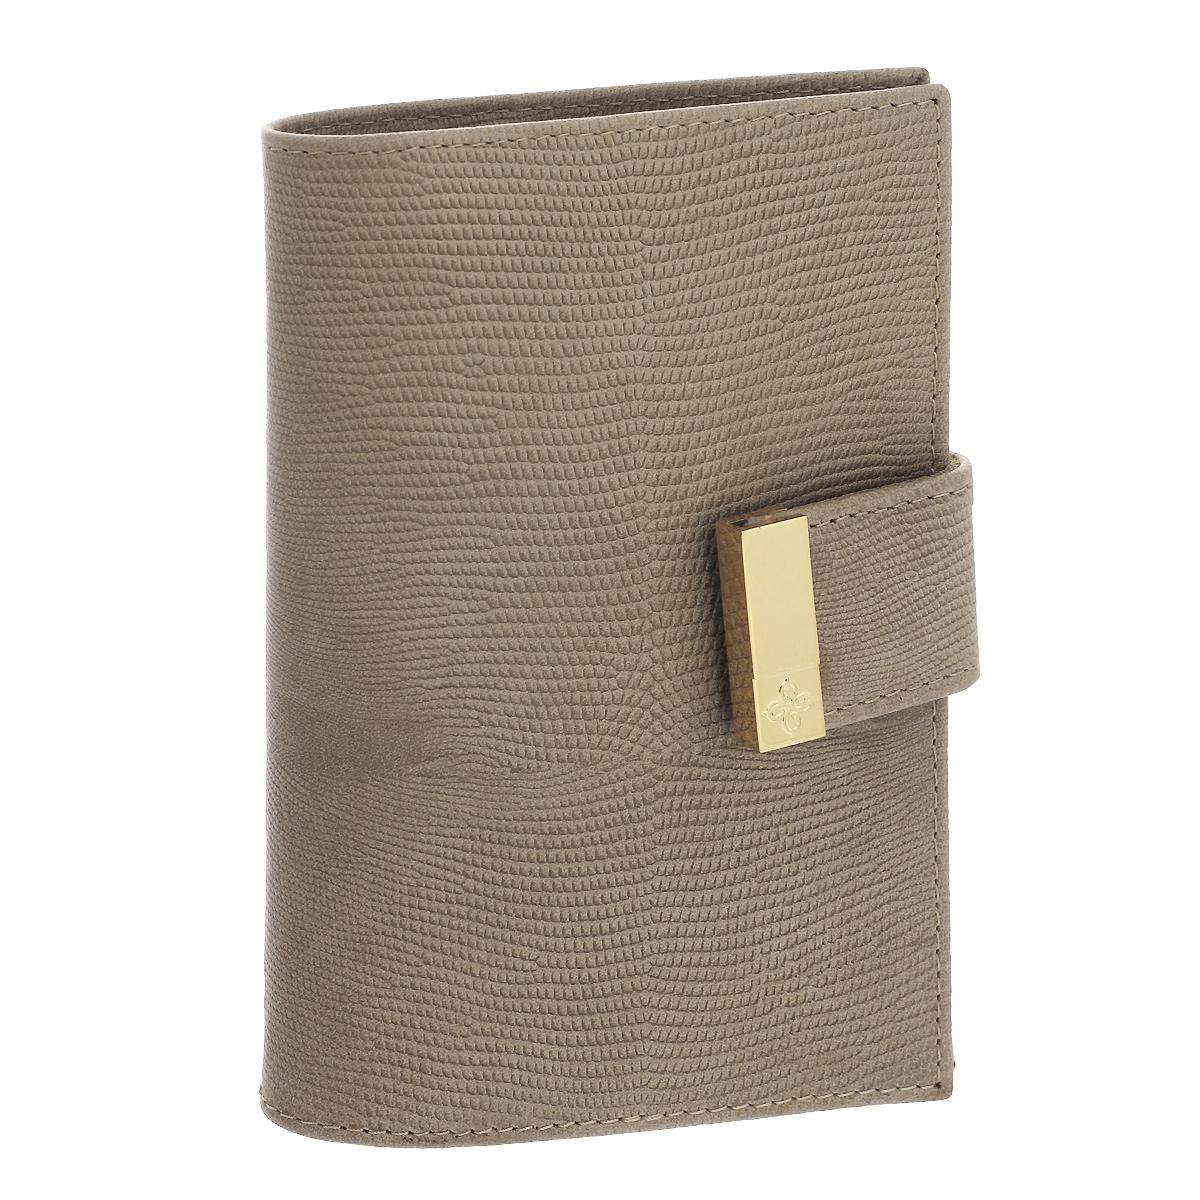 Обложка для паспорта Dimanche Elite Beige, цвет: бежевый. 730730Обложка для паспорта Elite Beige выполнена из натуральной кожи с декоративным тиснением под варана. На внутреннем развороте - два кармашка из прозрачного пластика. Обложка застегивается на хлястик с кнопкой.Обложка не только поможет сохранить внешний вид ваших документов и защитит их от повреждений, но и станет стильным аксессуаром, который подчеркнет ваш неповторимый стиль.Обложка упакована в коробку из плотного картона с логотипом фирмы. Характеристики:Материал: натуральная кожа, ПВХ. Цвет: бежевый. Размер обложки: 9,5 см х 13,5 см х 1,5 см.